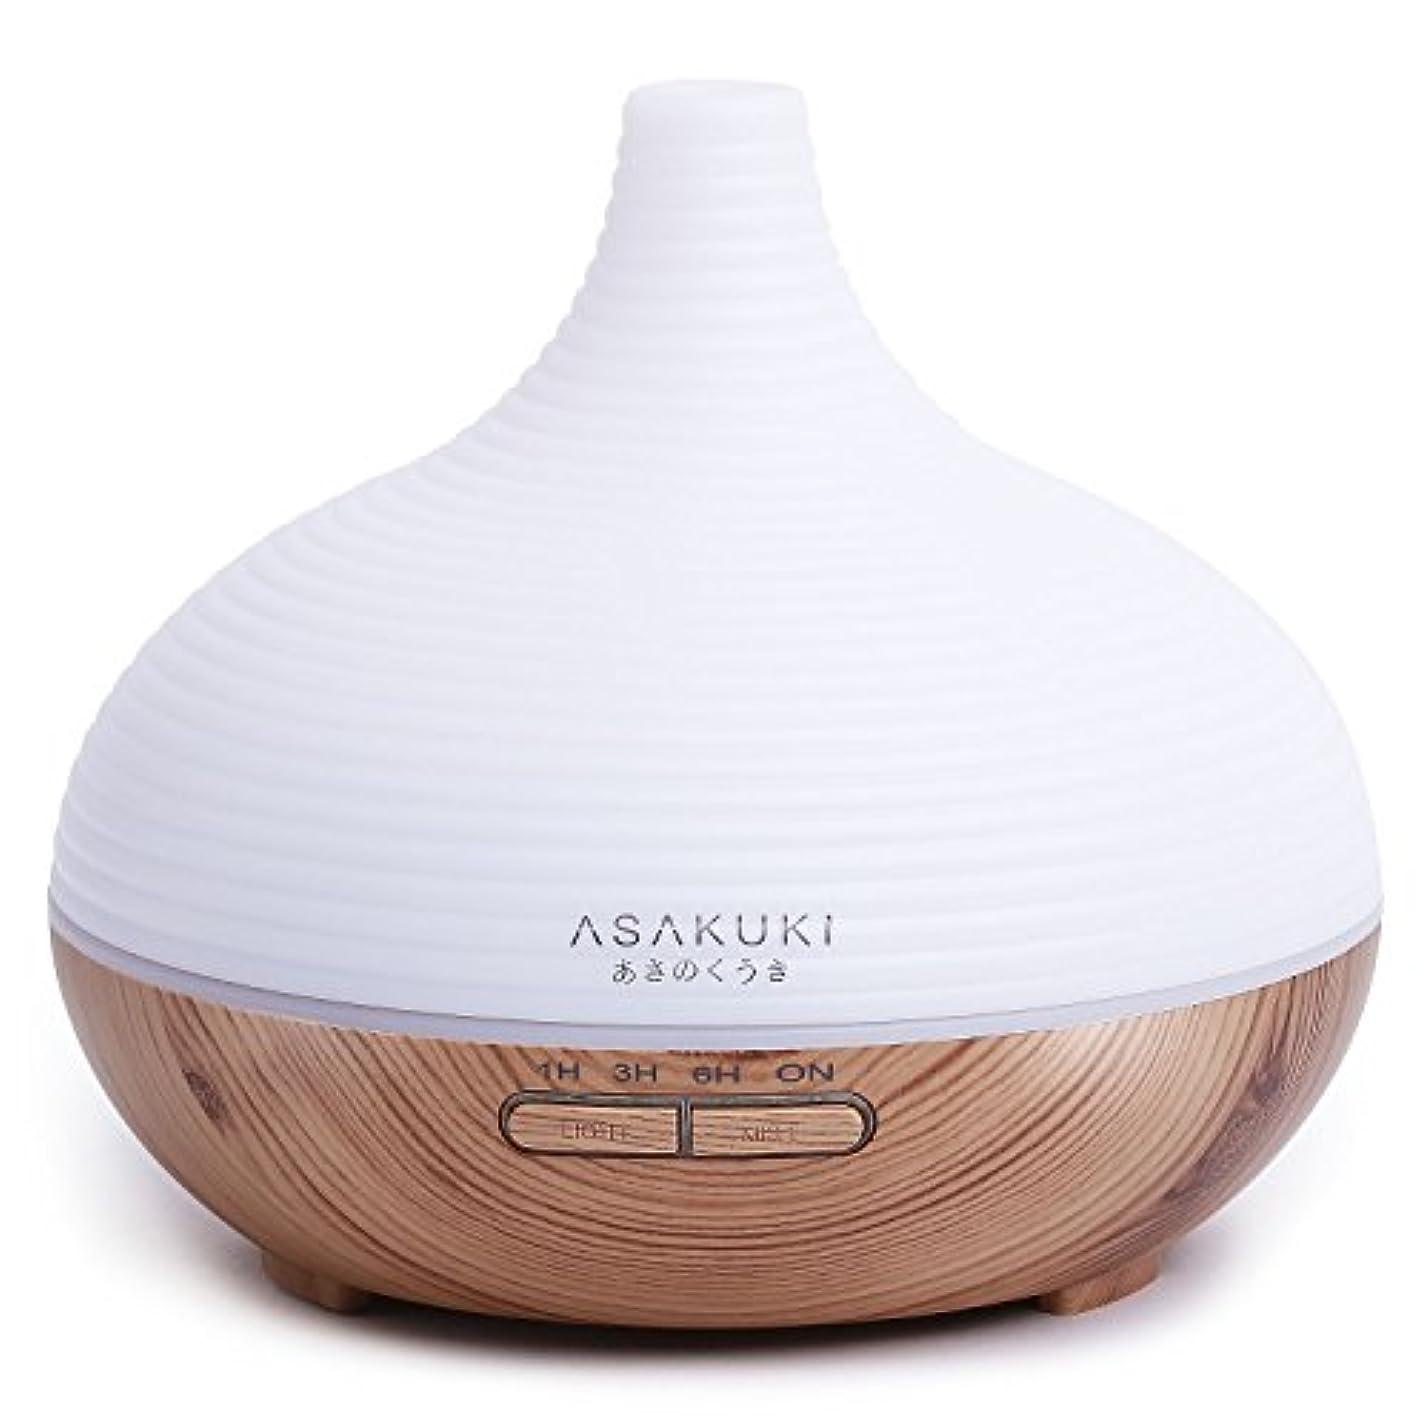 川精算惑星asakuki 300 mlプレミアム、Essential Oil Diffuser、静かな5 - in - 1加湿器、自然Home Fragrance Diffuser with 7 LEDの色変更ライトと簡単にクリーン...